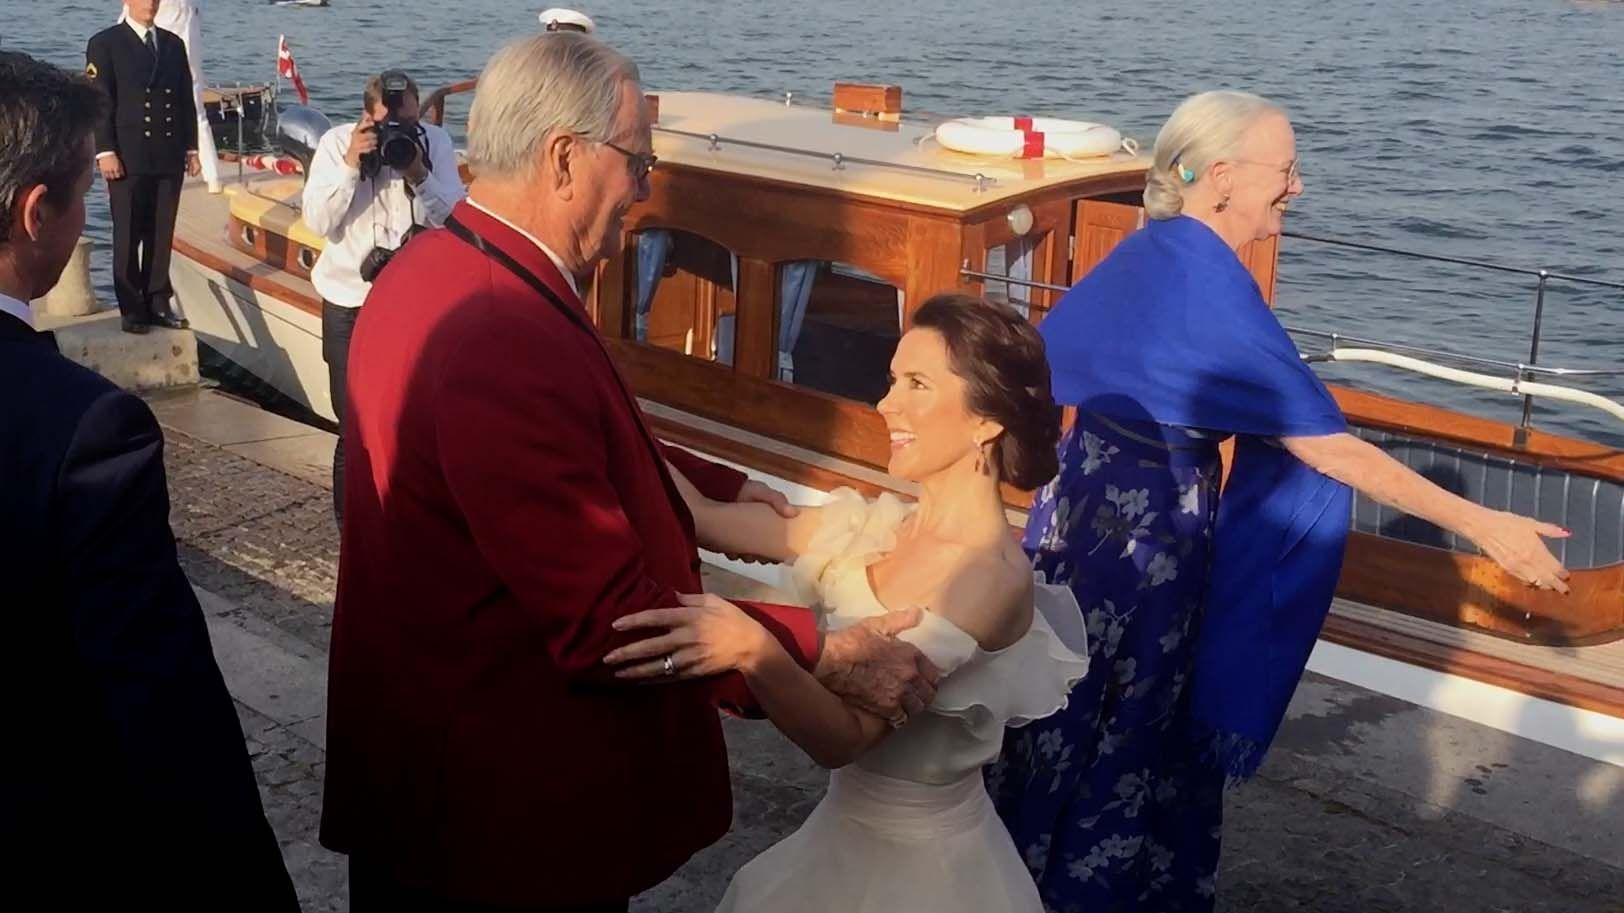 Kongelig Dansk Yachtklubs 150-års jubilæumsfest blev indledt med stil. Regentparret og kronprinsparret kom sejlende i chalup til Operaen, der dannede rammen om begivenheden.